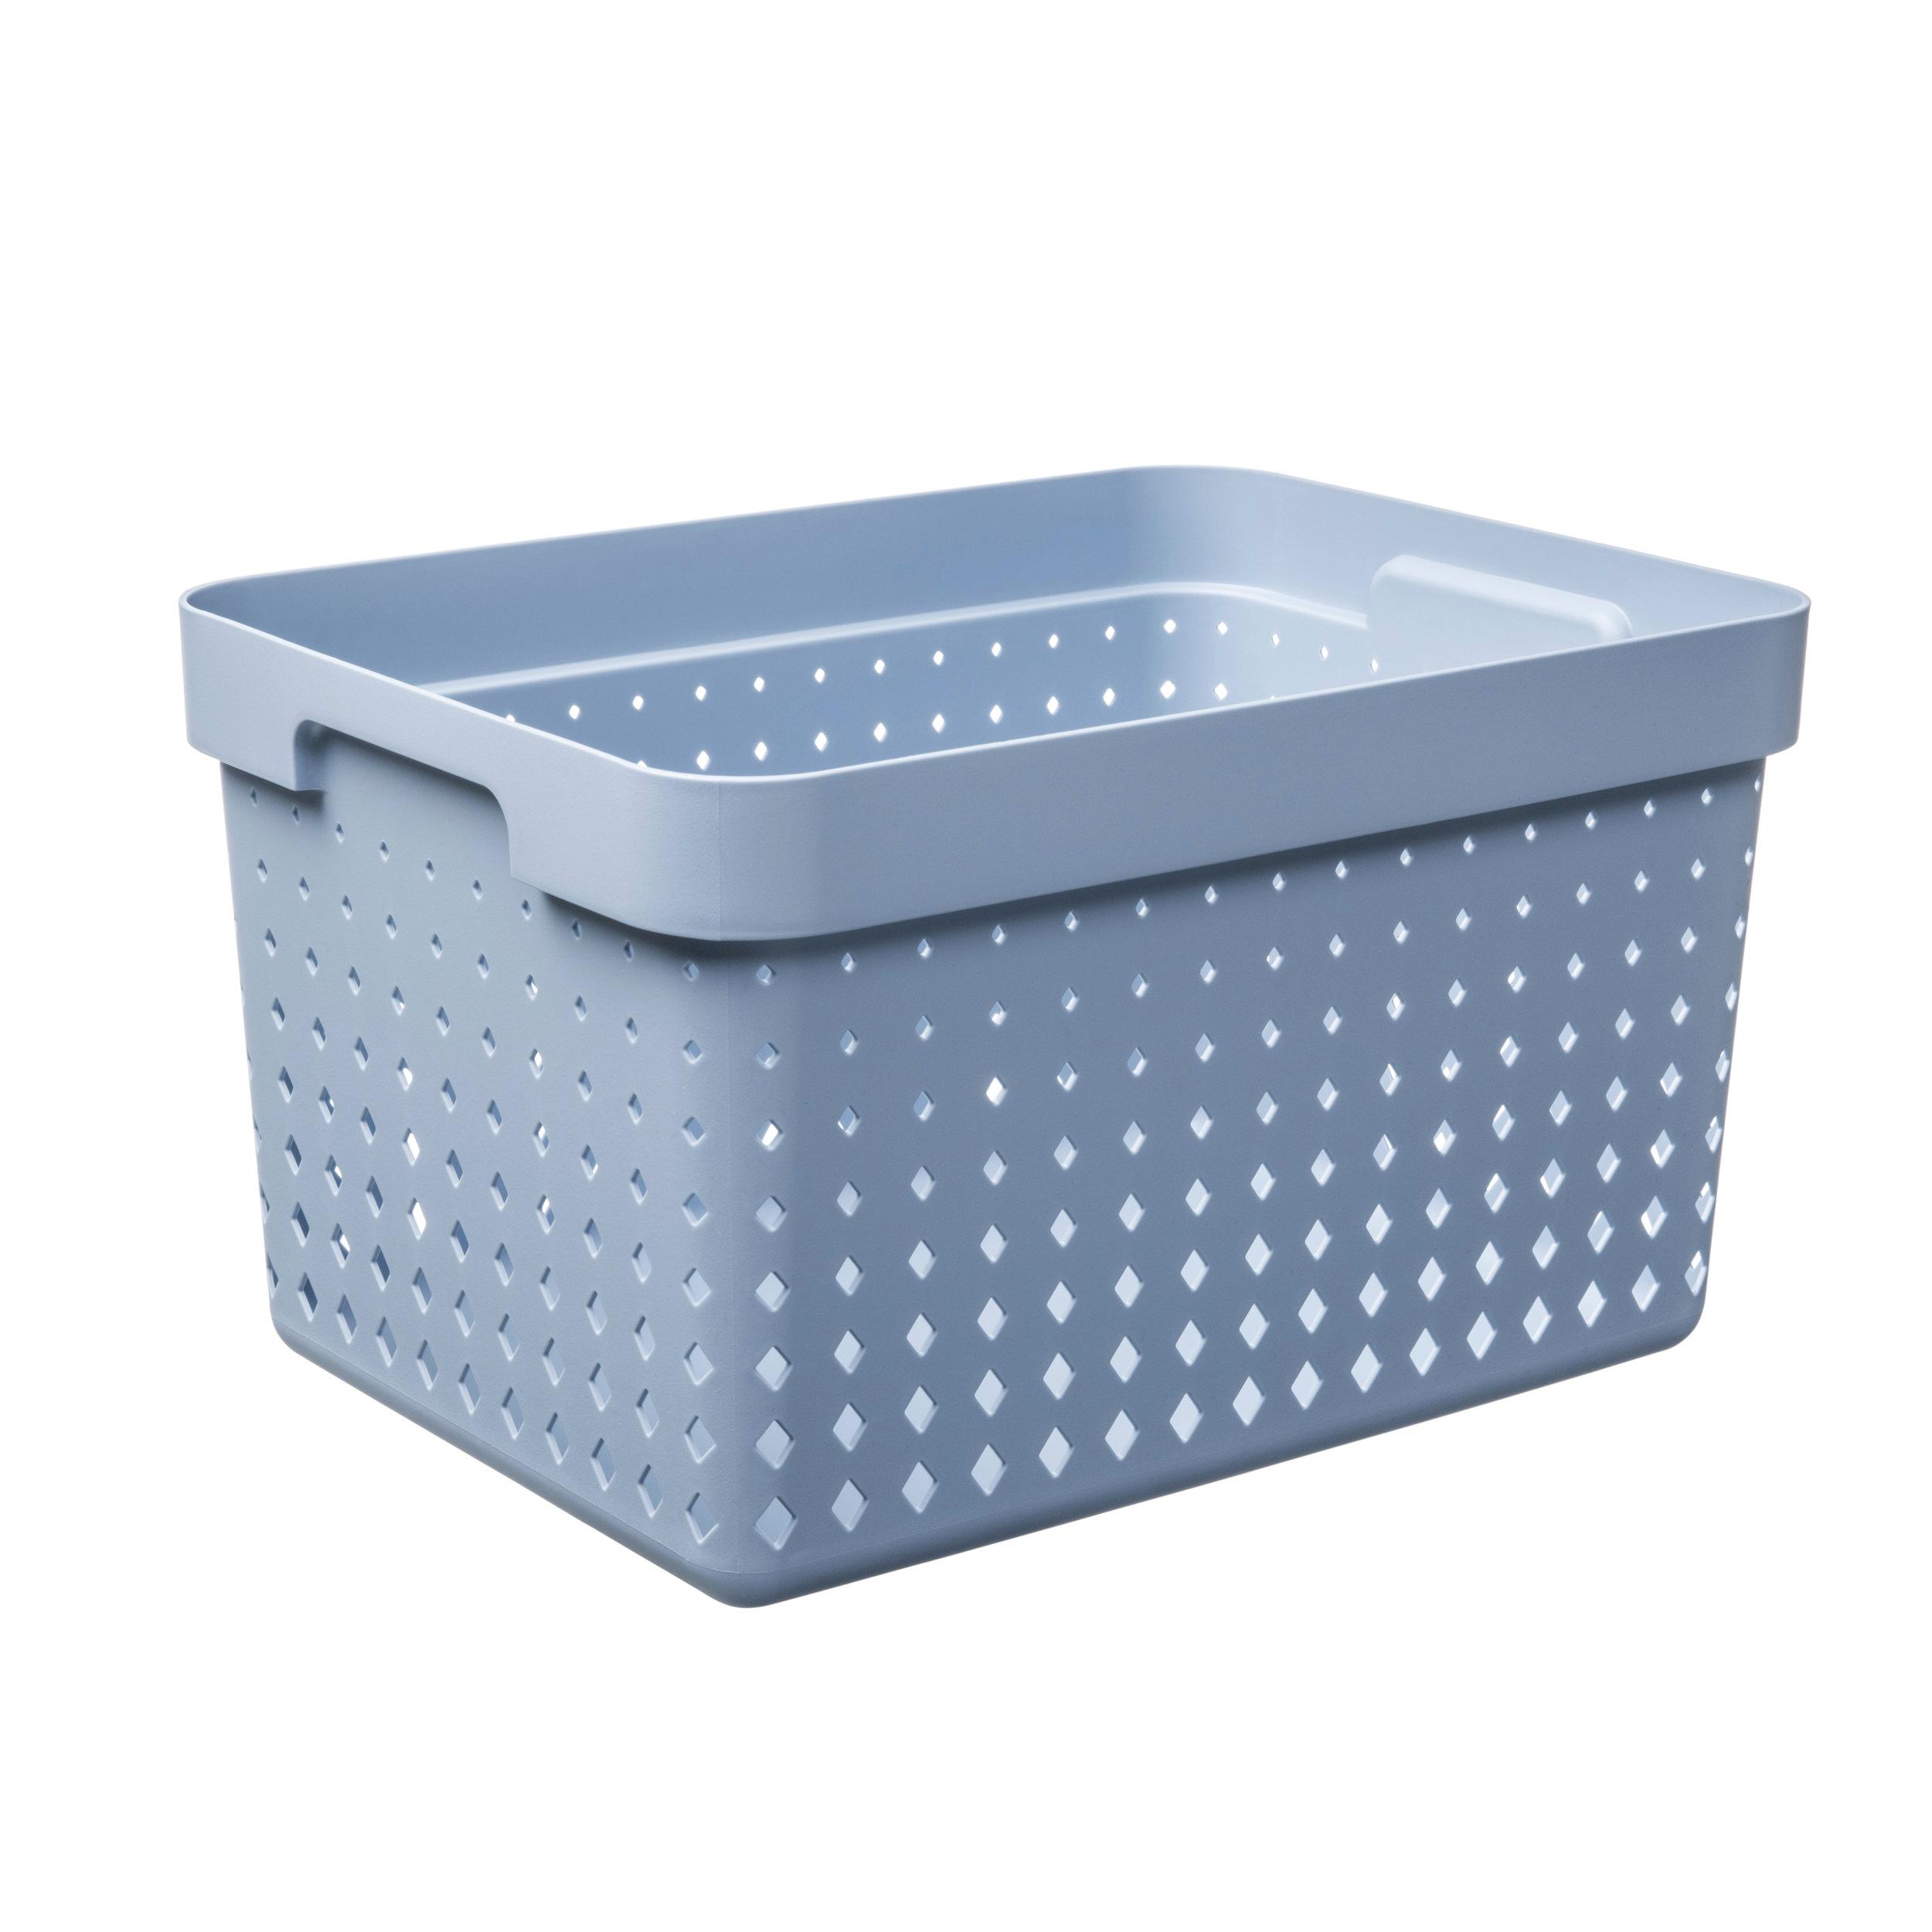 koszyk-do-przechowywania-plastikowy-plast-team-seoul-m-high-niebieski-26-5-x-36-0-cm.jpg